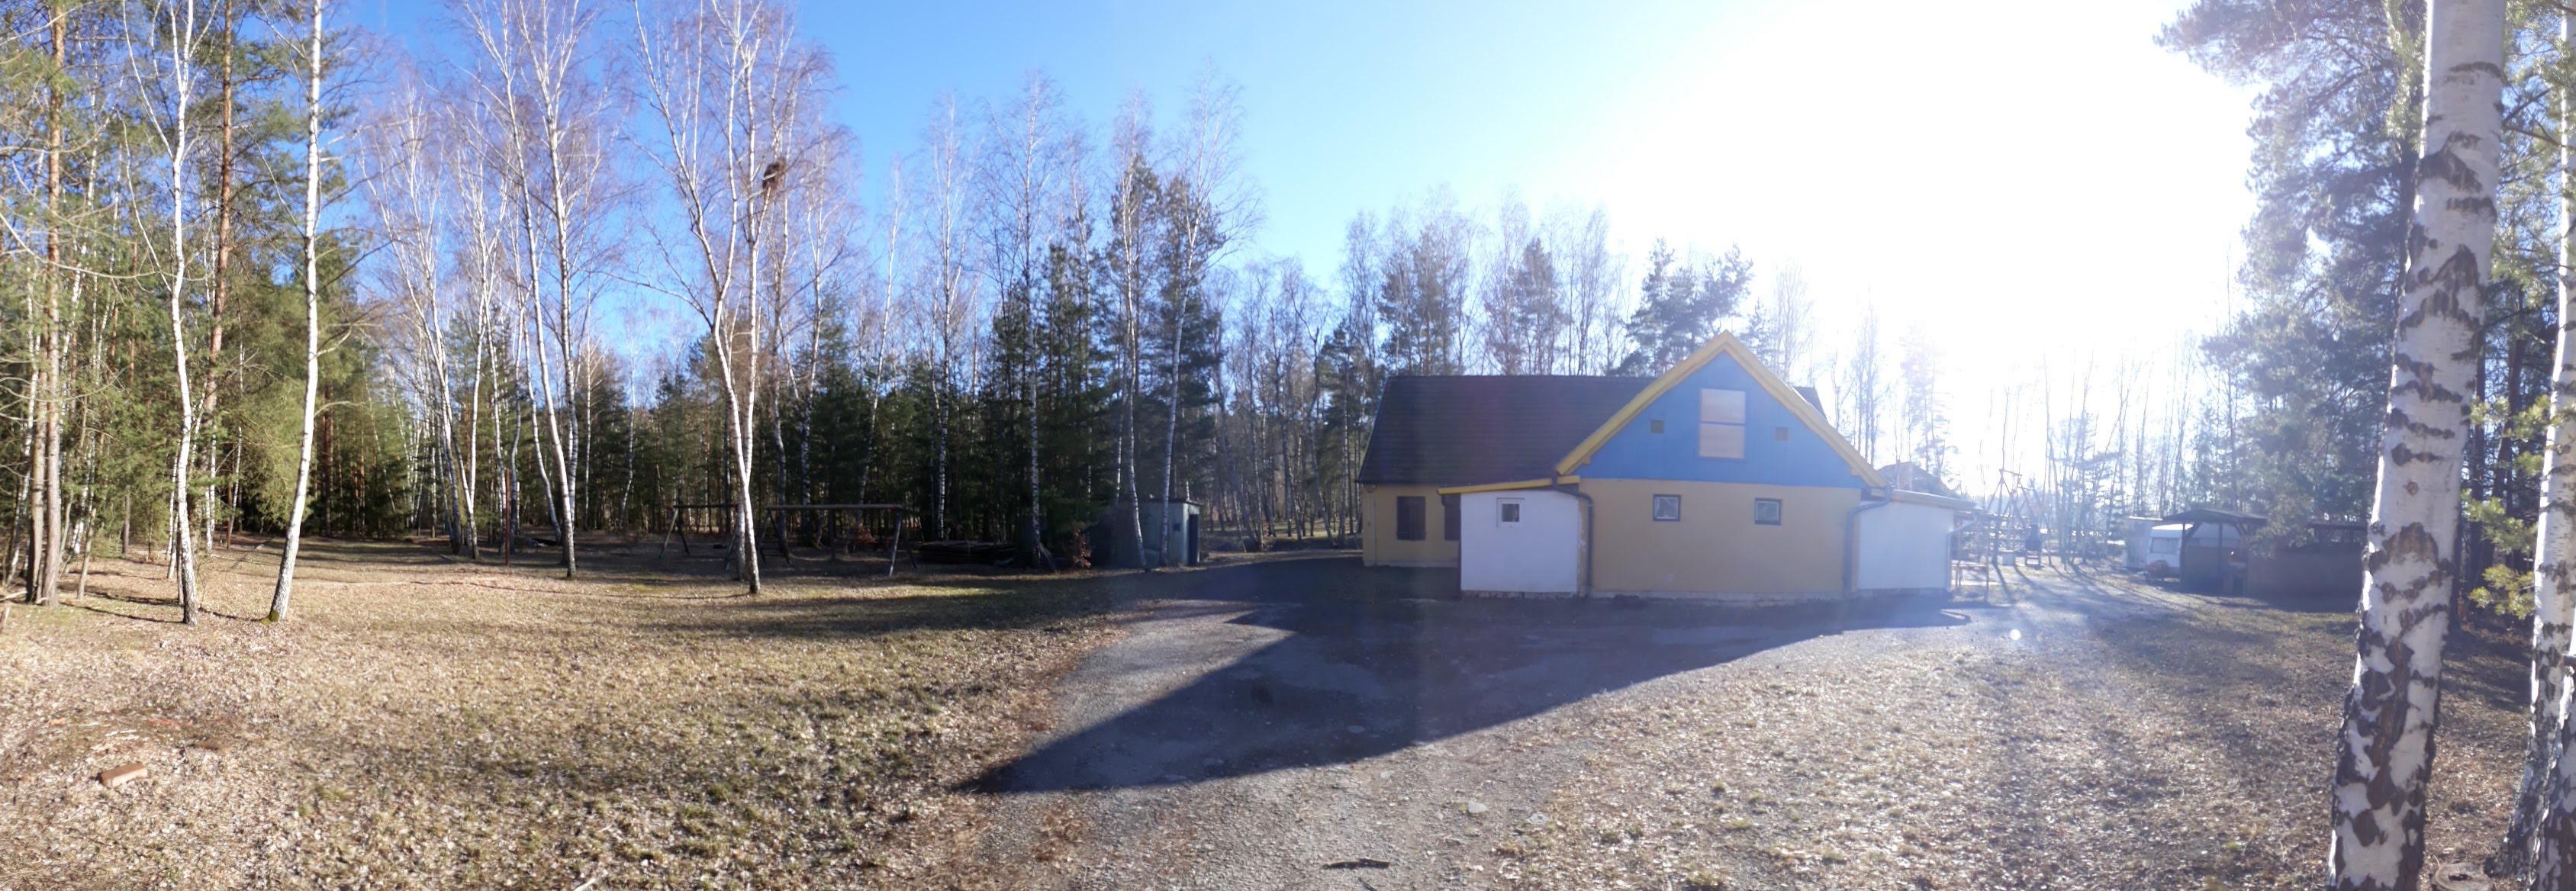 Sola Haus